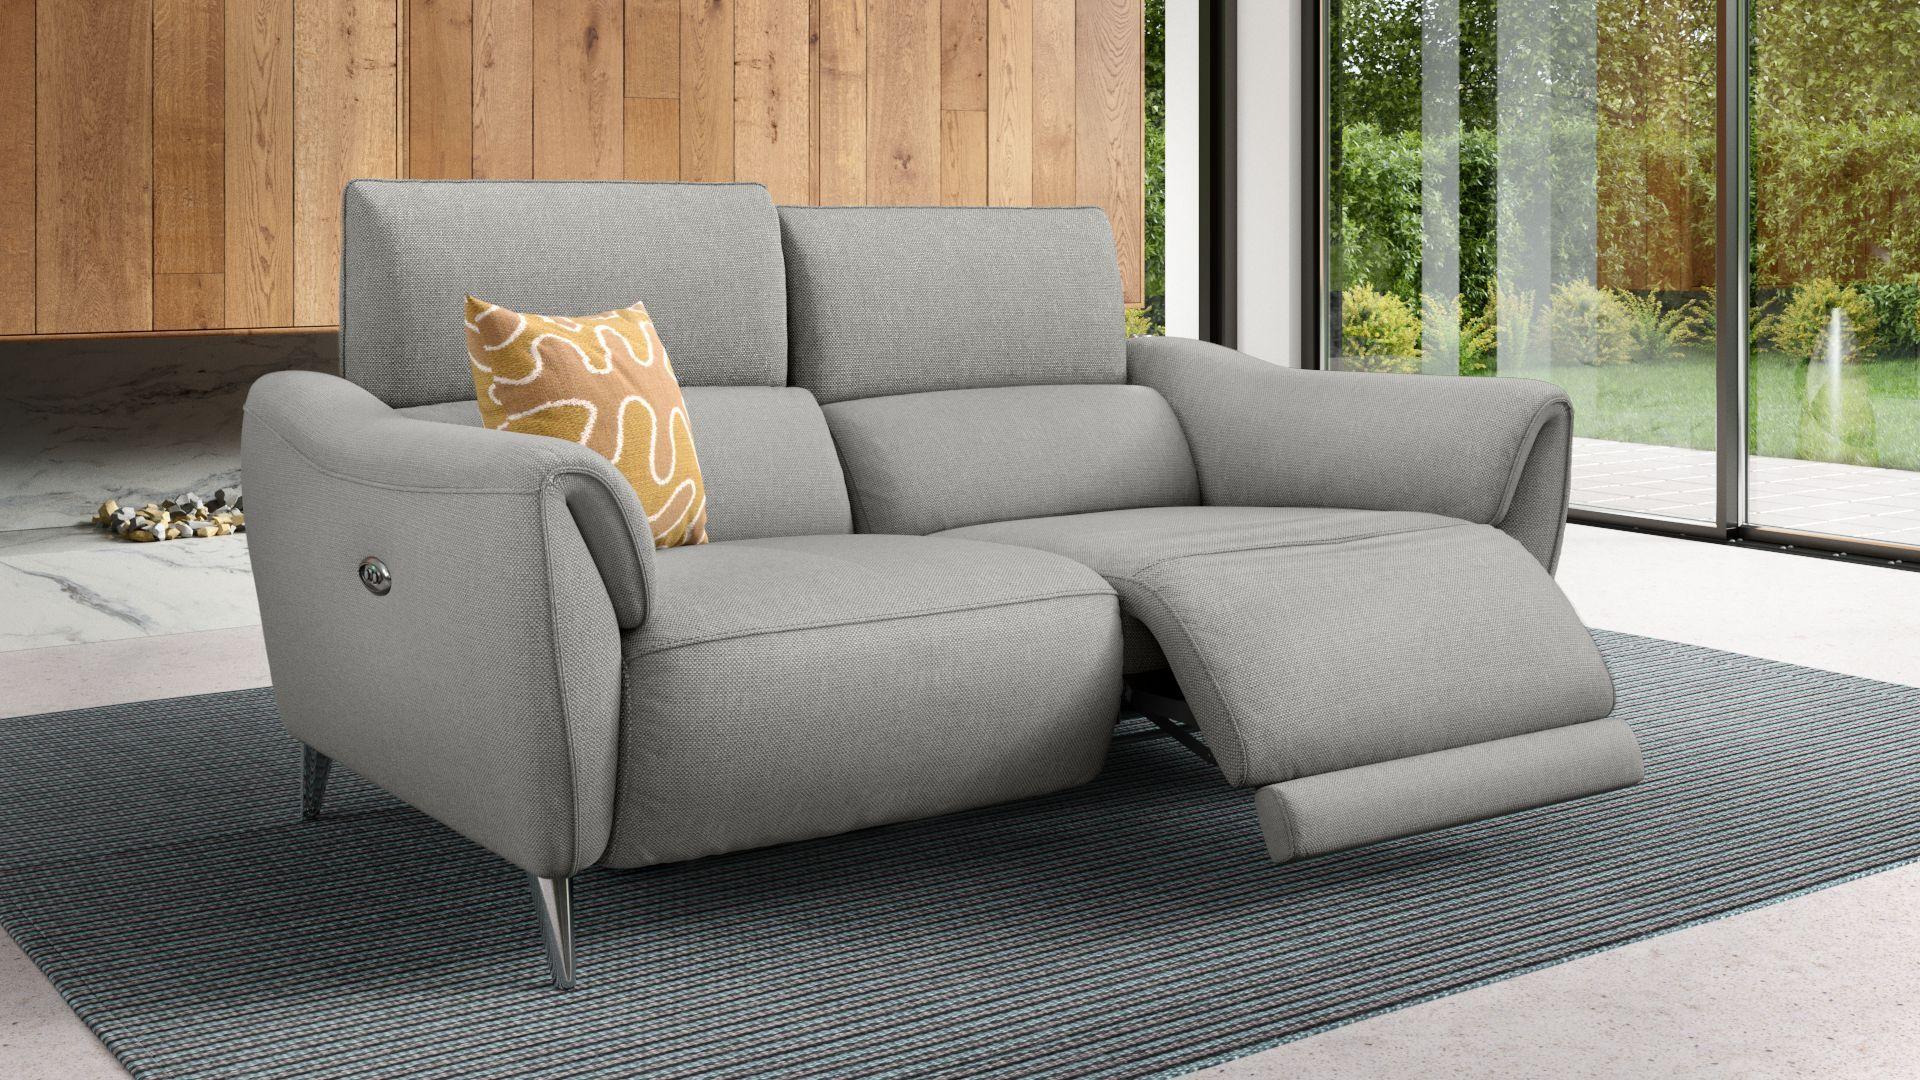 Details Elektrische Relaxfunktion Per Knopfdruck An Beiden Sitzen Stufenweise Verstellbare Kopflehnen Eingebauter Usb Ans Sofa Design Power Reclining Sofa Sofa